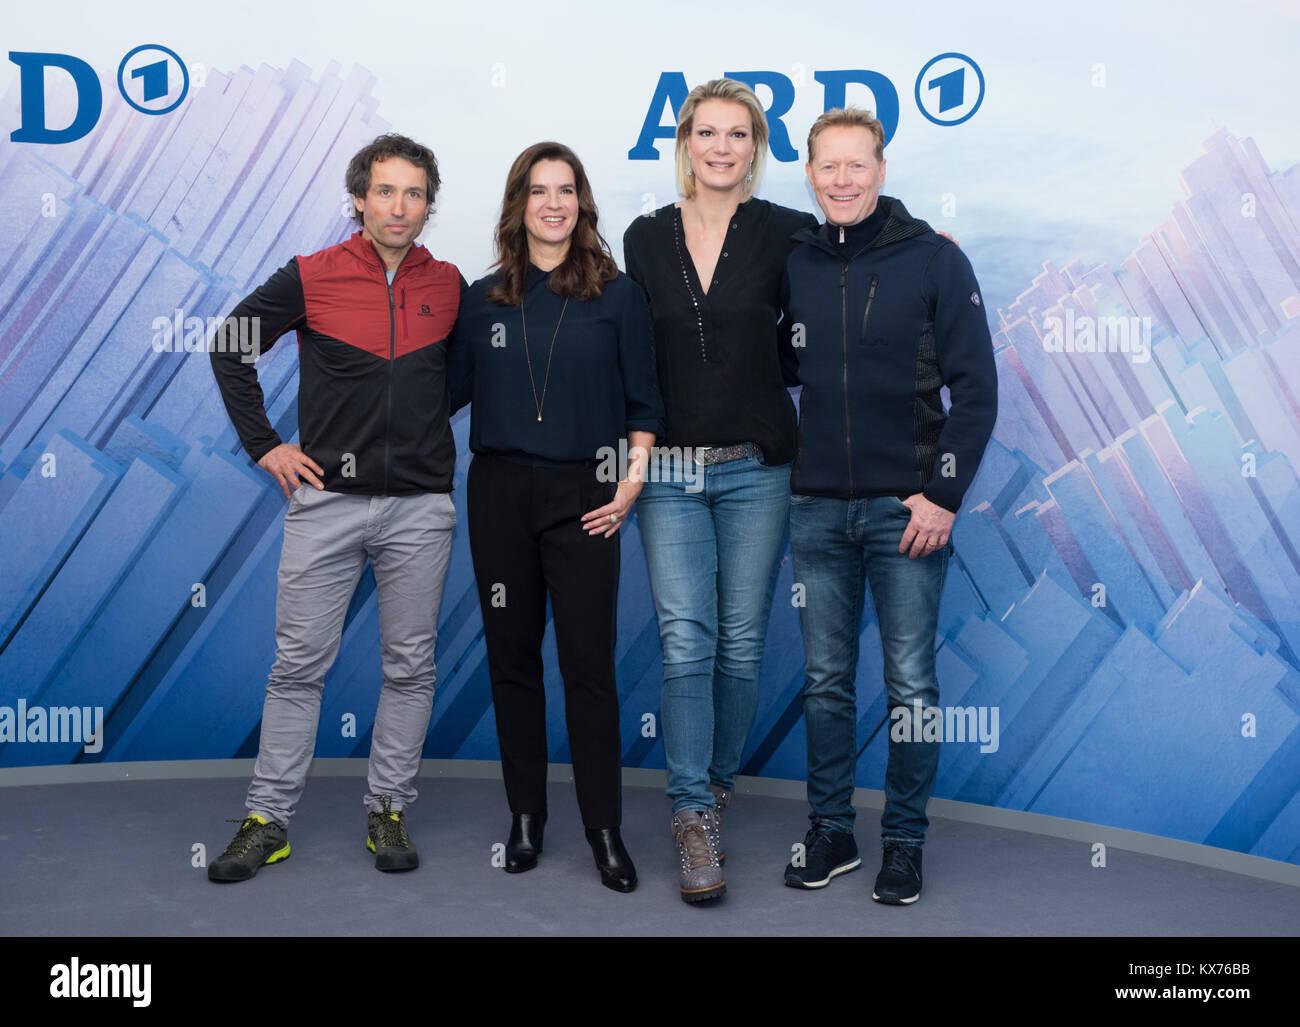 vl: Peter SCHLIECKENRIEDER (ARD Skilanglauf-Experte), Katarina WITT (ARD Olympia-Expertin), Maria HOEFL-RIESCH (ARD Stock Photo